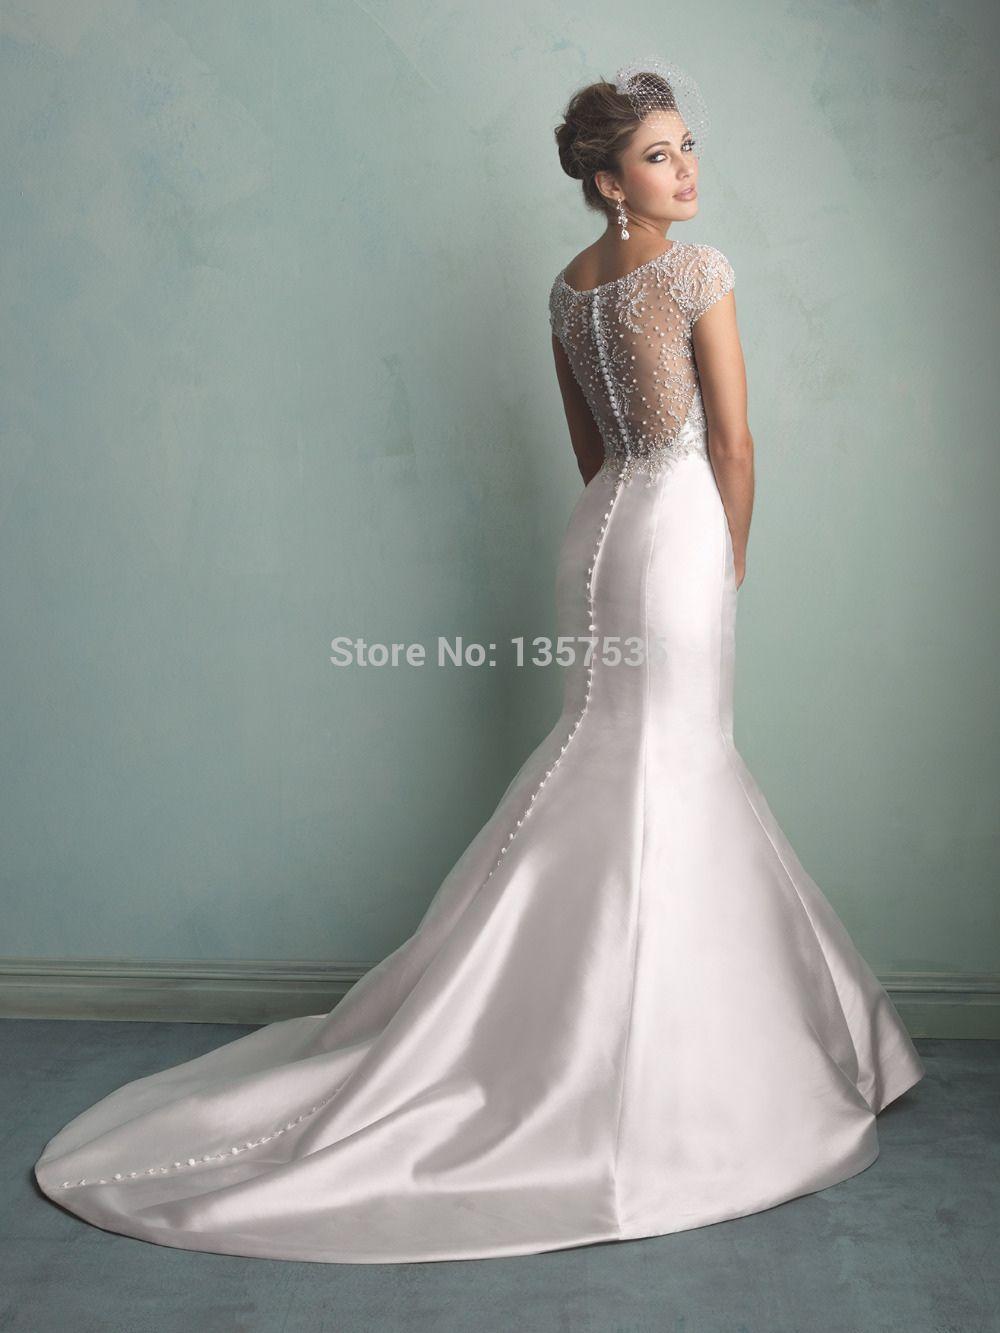 2019 Wedding Dresses for Full Figured - Country Dresses for Weddings ...